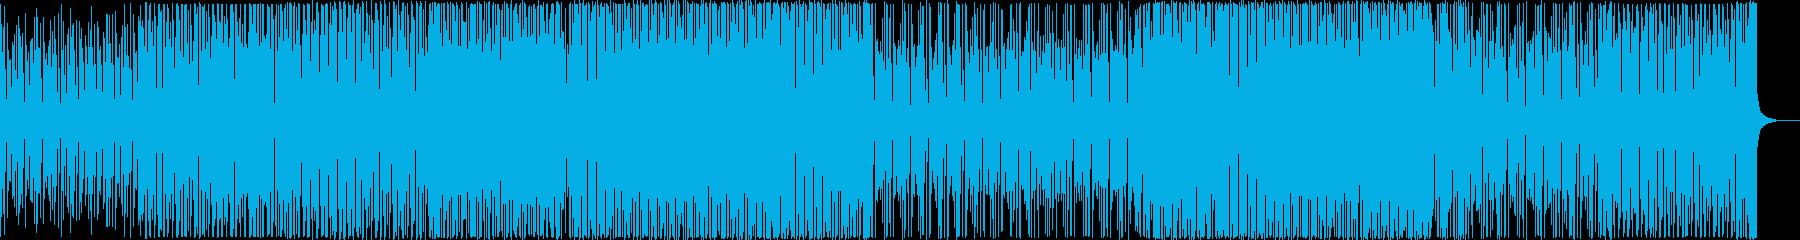 入場、オープニング、イベント向けなEDMの再生済みの波形